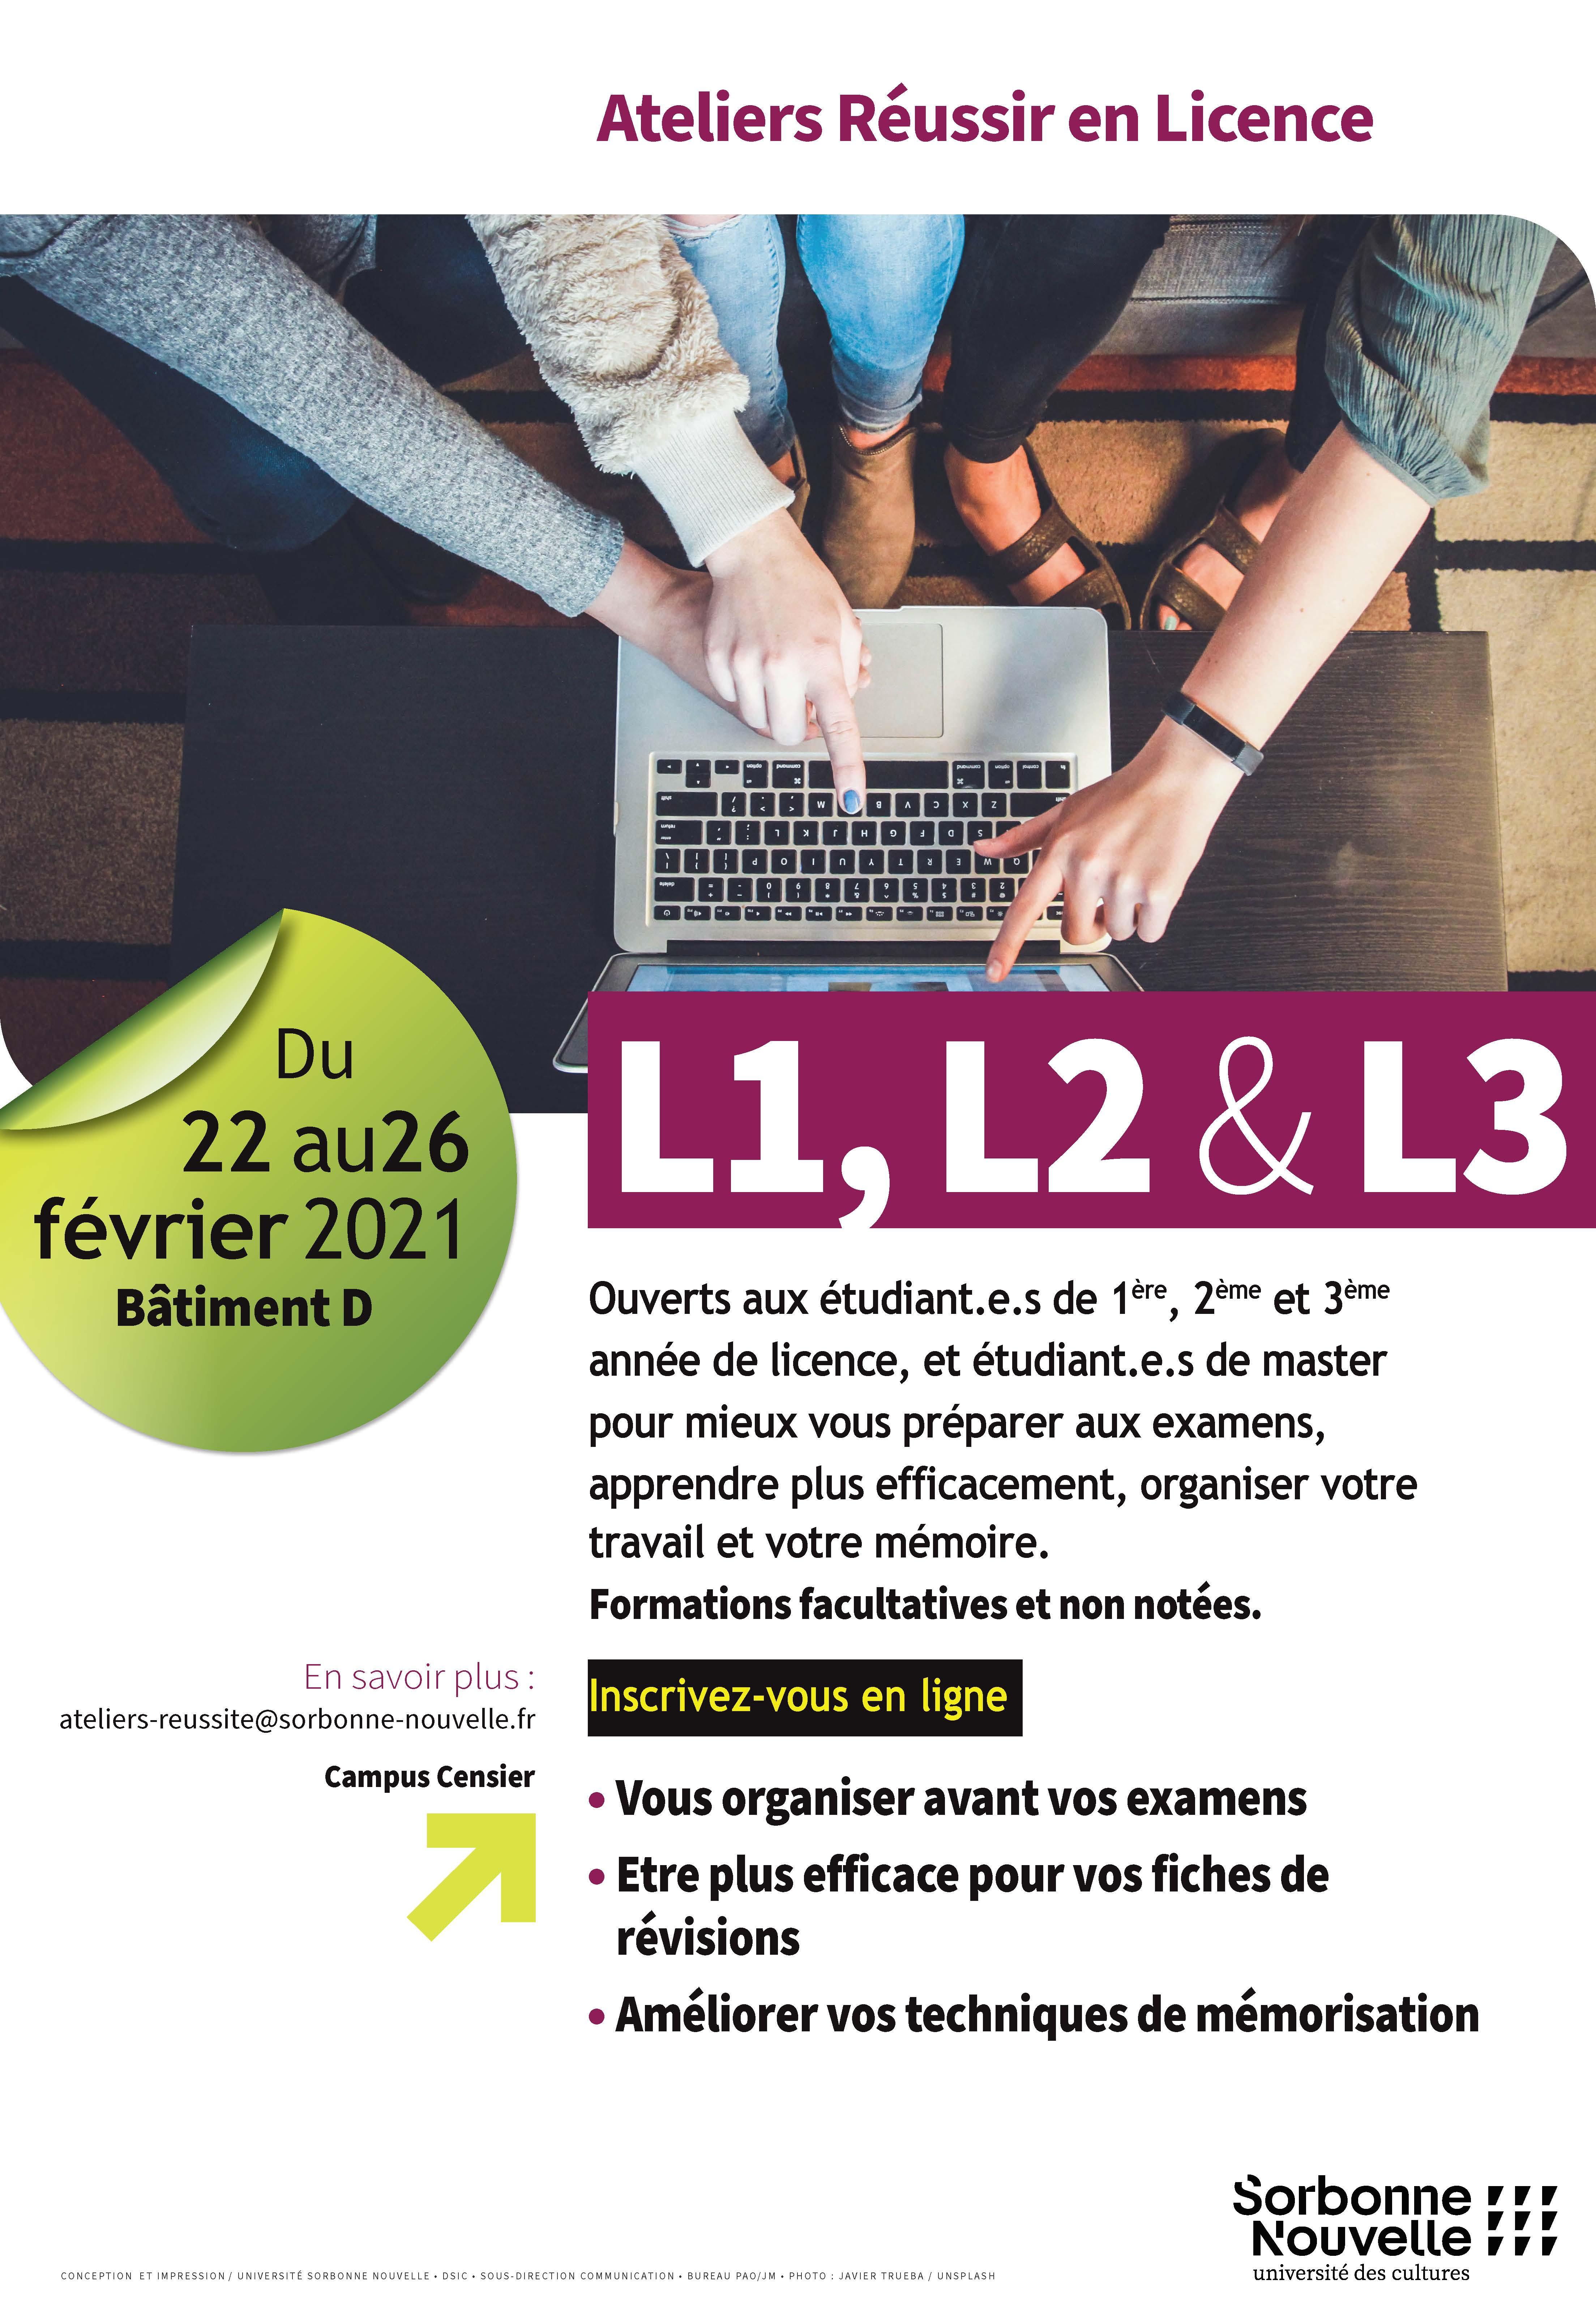 Affiche du service Réussite étudiante - Ateliers Réussir en Licence Février 2021